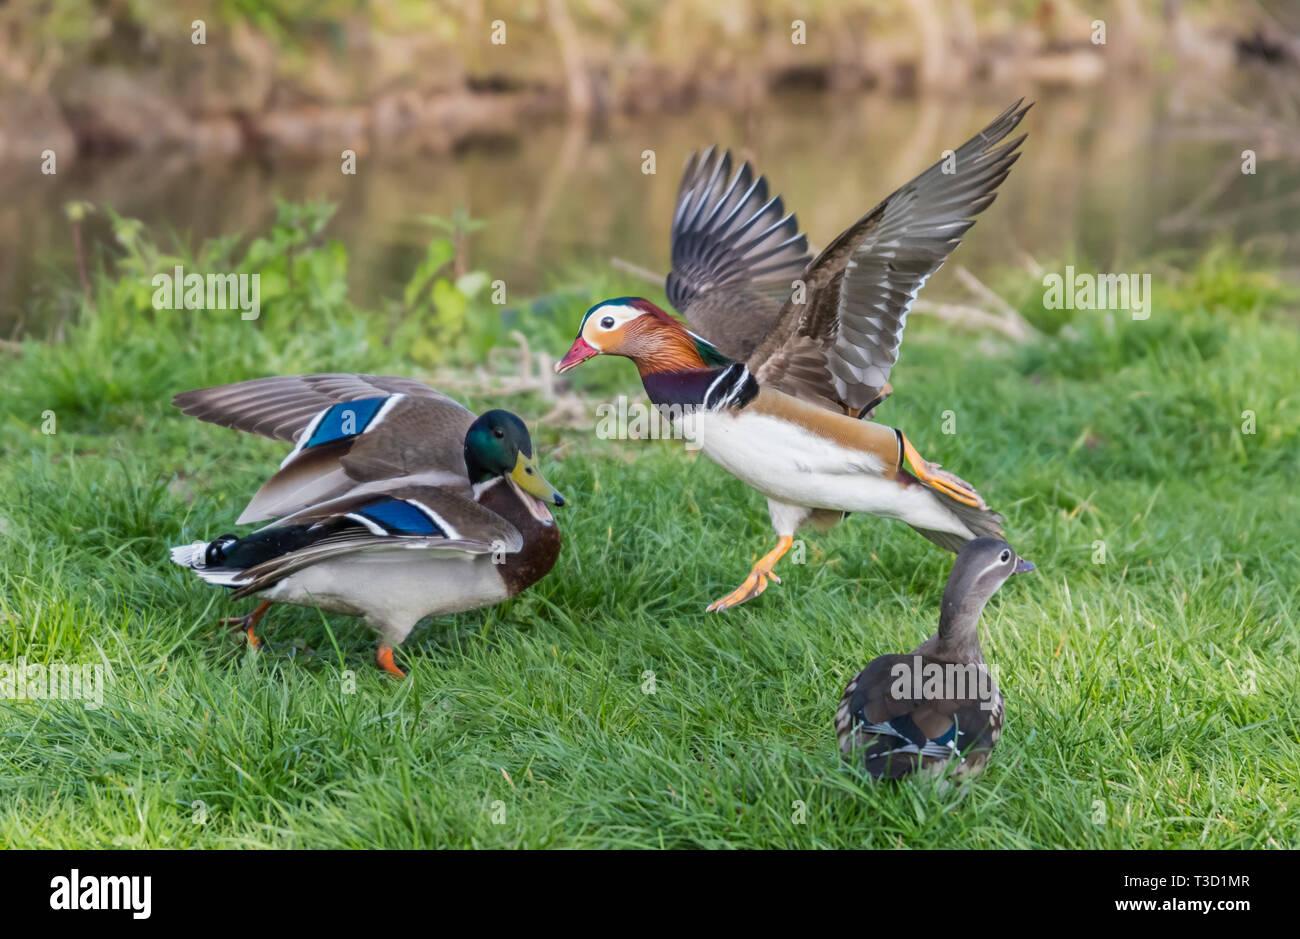 La confrontación entre la vida silvestre un pato real y un Pato mandarín en primavera en West Sussex, Reino Unido. Imagen De Stock